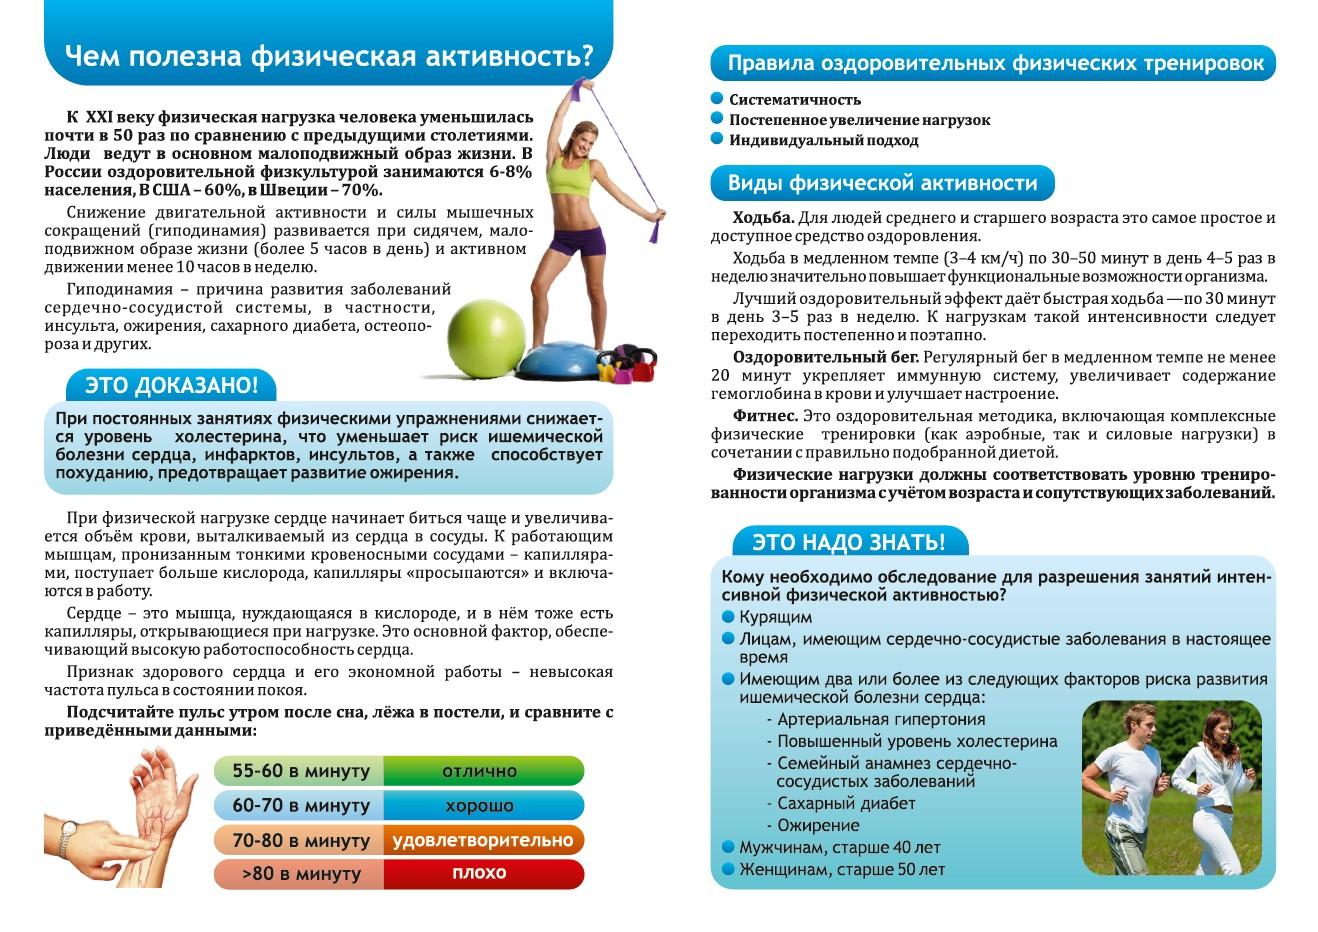 Ожирение у детей разной степени: фото, таблица по возрасту, профилактика и лечение